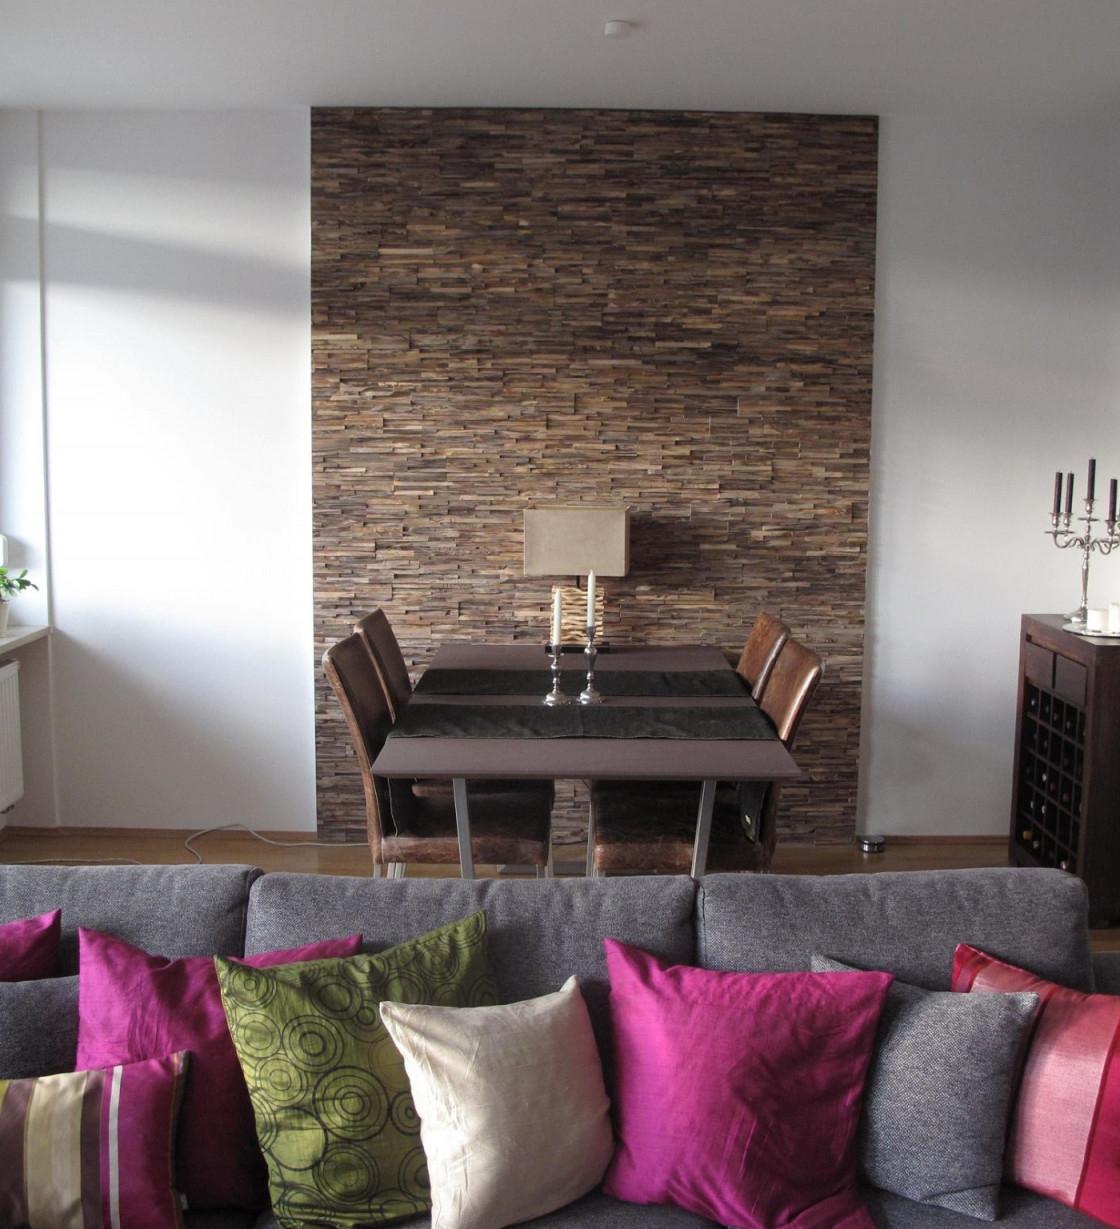 Wandverkleidung Holz Teak Modern  Bsholzdesign von Moderne Wandverkleidung Wohnzimmer Bild